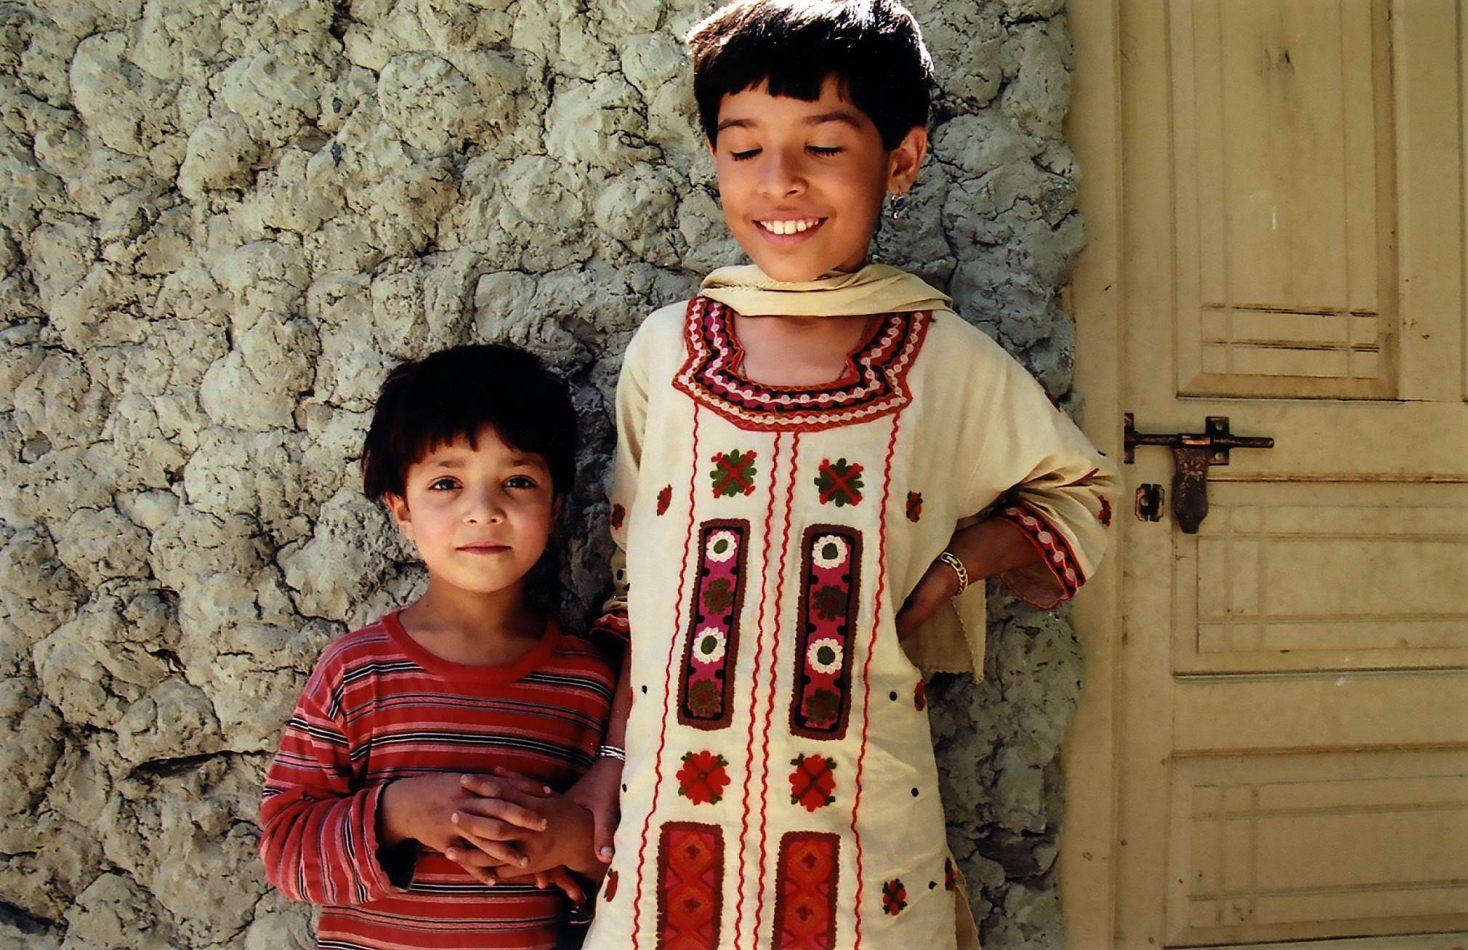 Anthony Ellis Photography: Zindabad - Two Girls in Altit